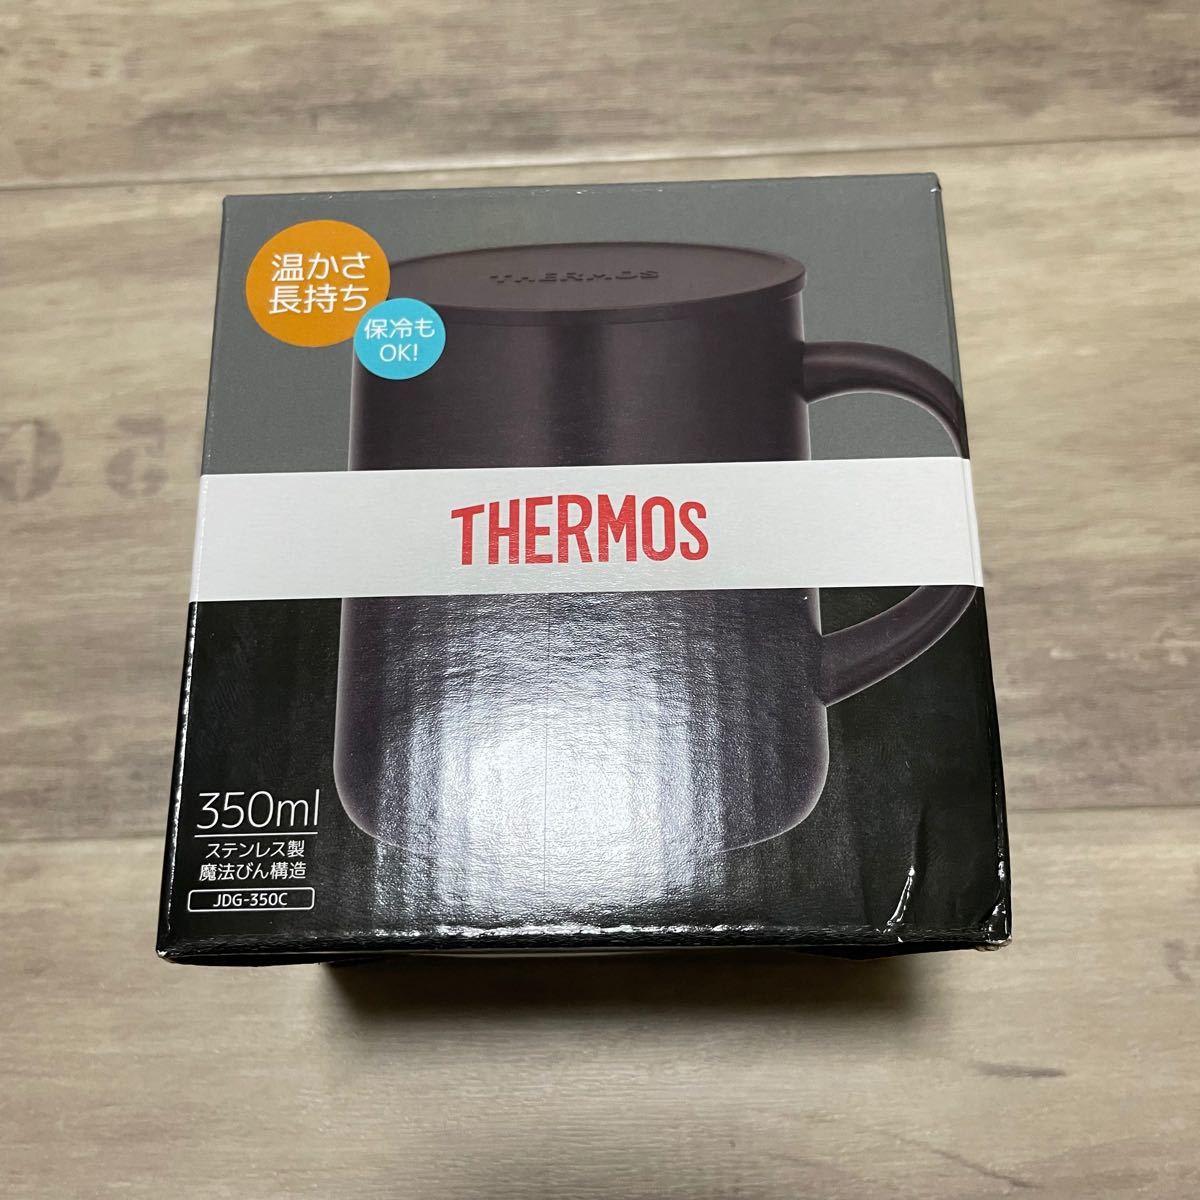 サーモス 真空断熱マグカップ 0.35L ブラック JDG-350C BK【bsm02】サーモス(THERMOS)